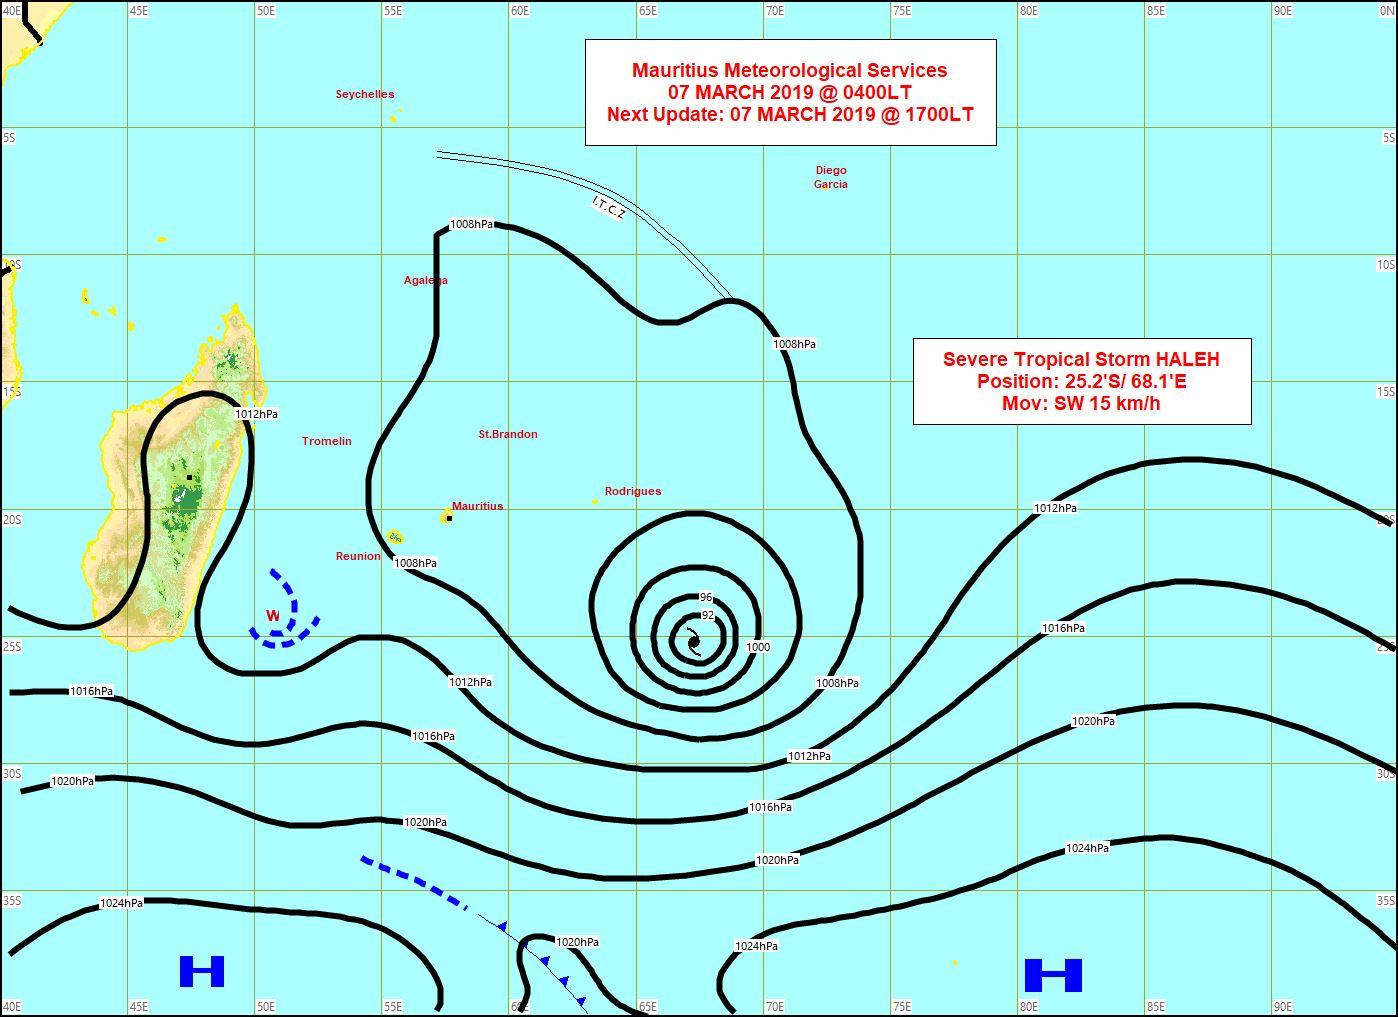 Carte établie par la météo mauricienne à 04h. Des Mascareignes seule Rodrigues reste exposée à des vents assez forts même s'ils ont tendence à faiblir. Vents faibles sur les Iles Soeurs.